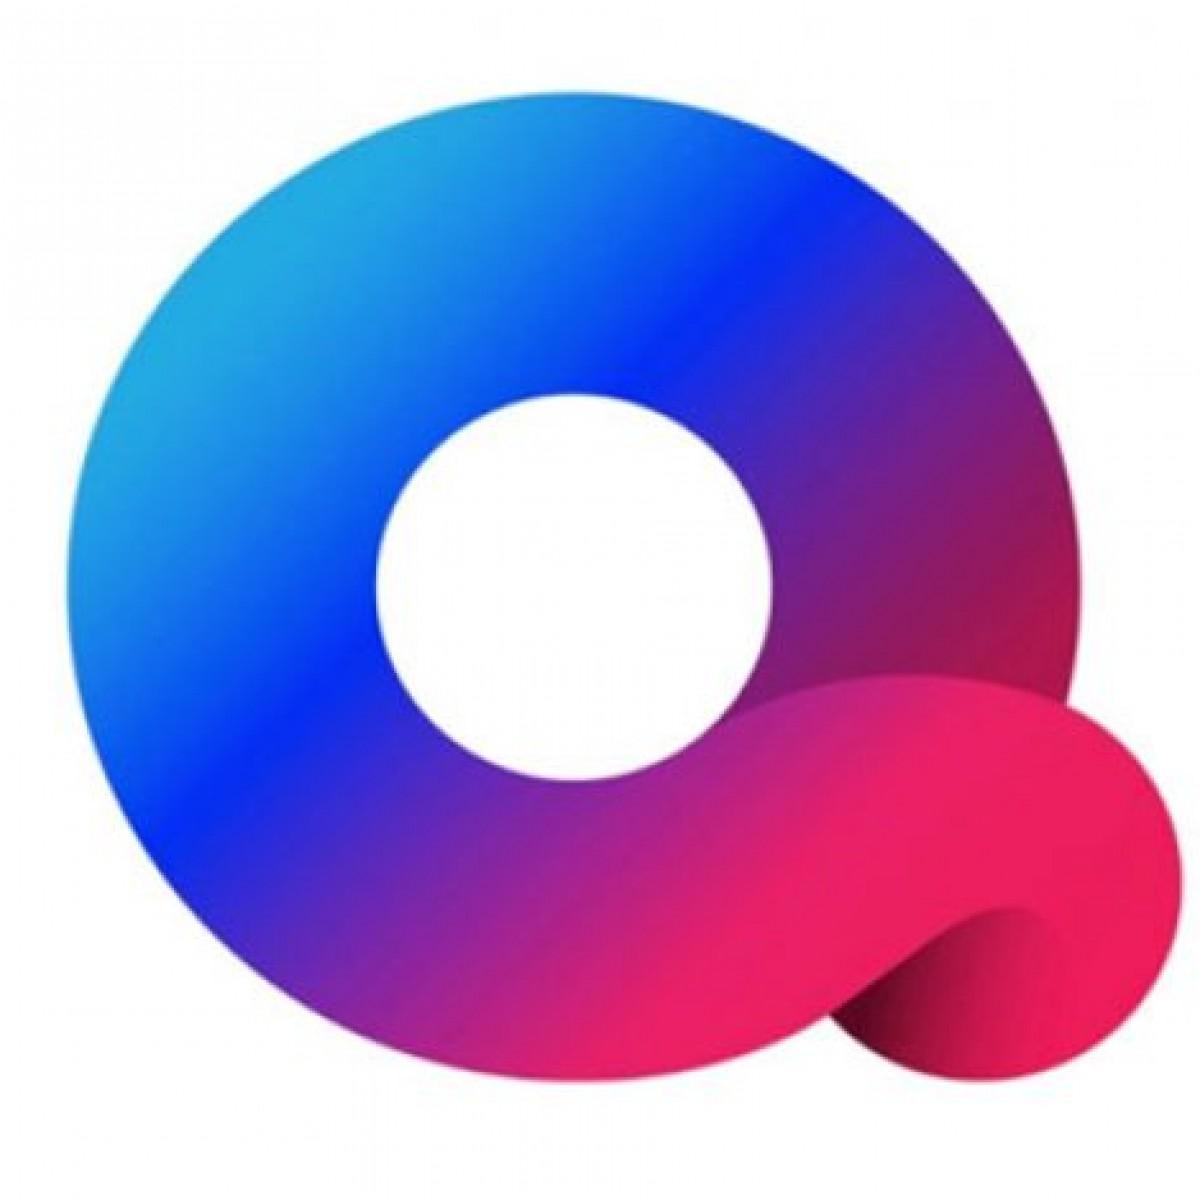 """Quibi: Streaminganbieter für hochwertigen Smartphone Content stellt sich vor – 175 Serien und 8500 """"Quick Bites"""" im ersten Jahr für 1 Milliarde US-Dollar – Bild: Quibi"""